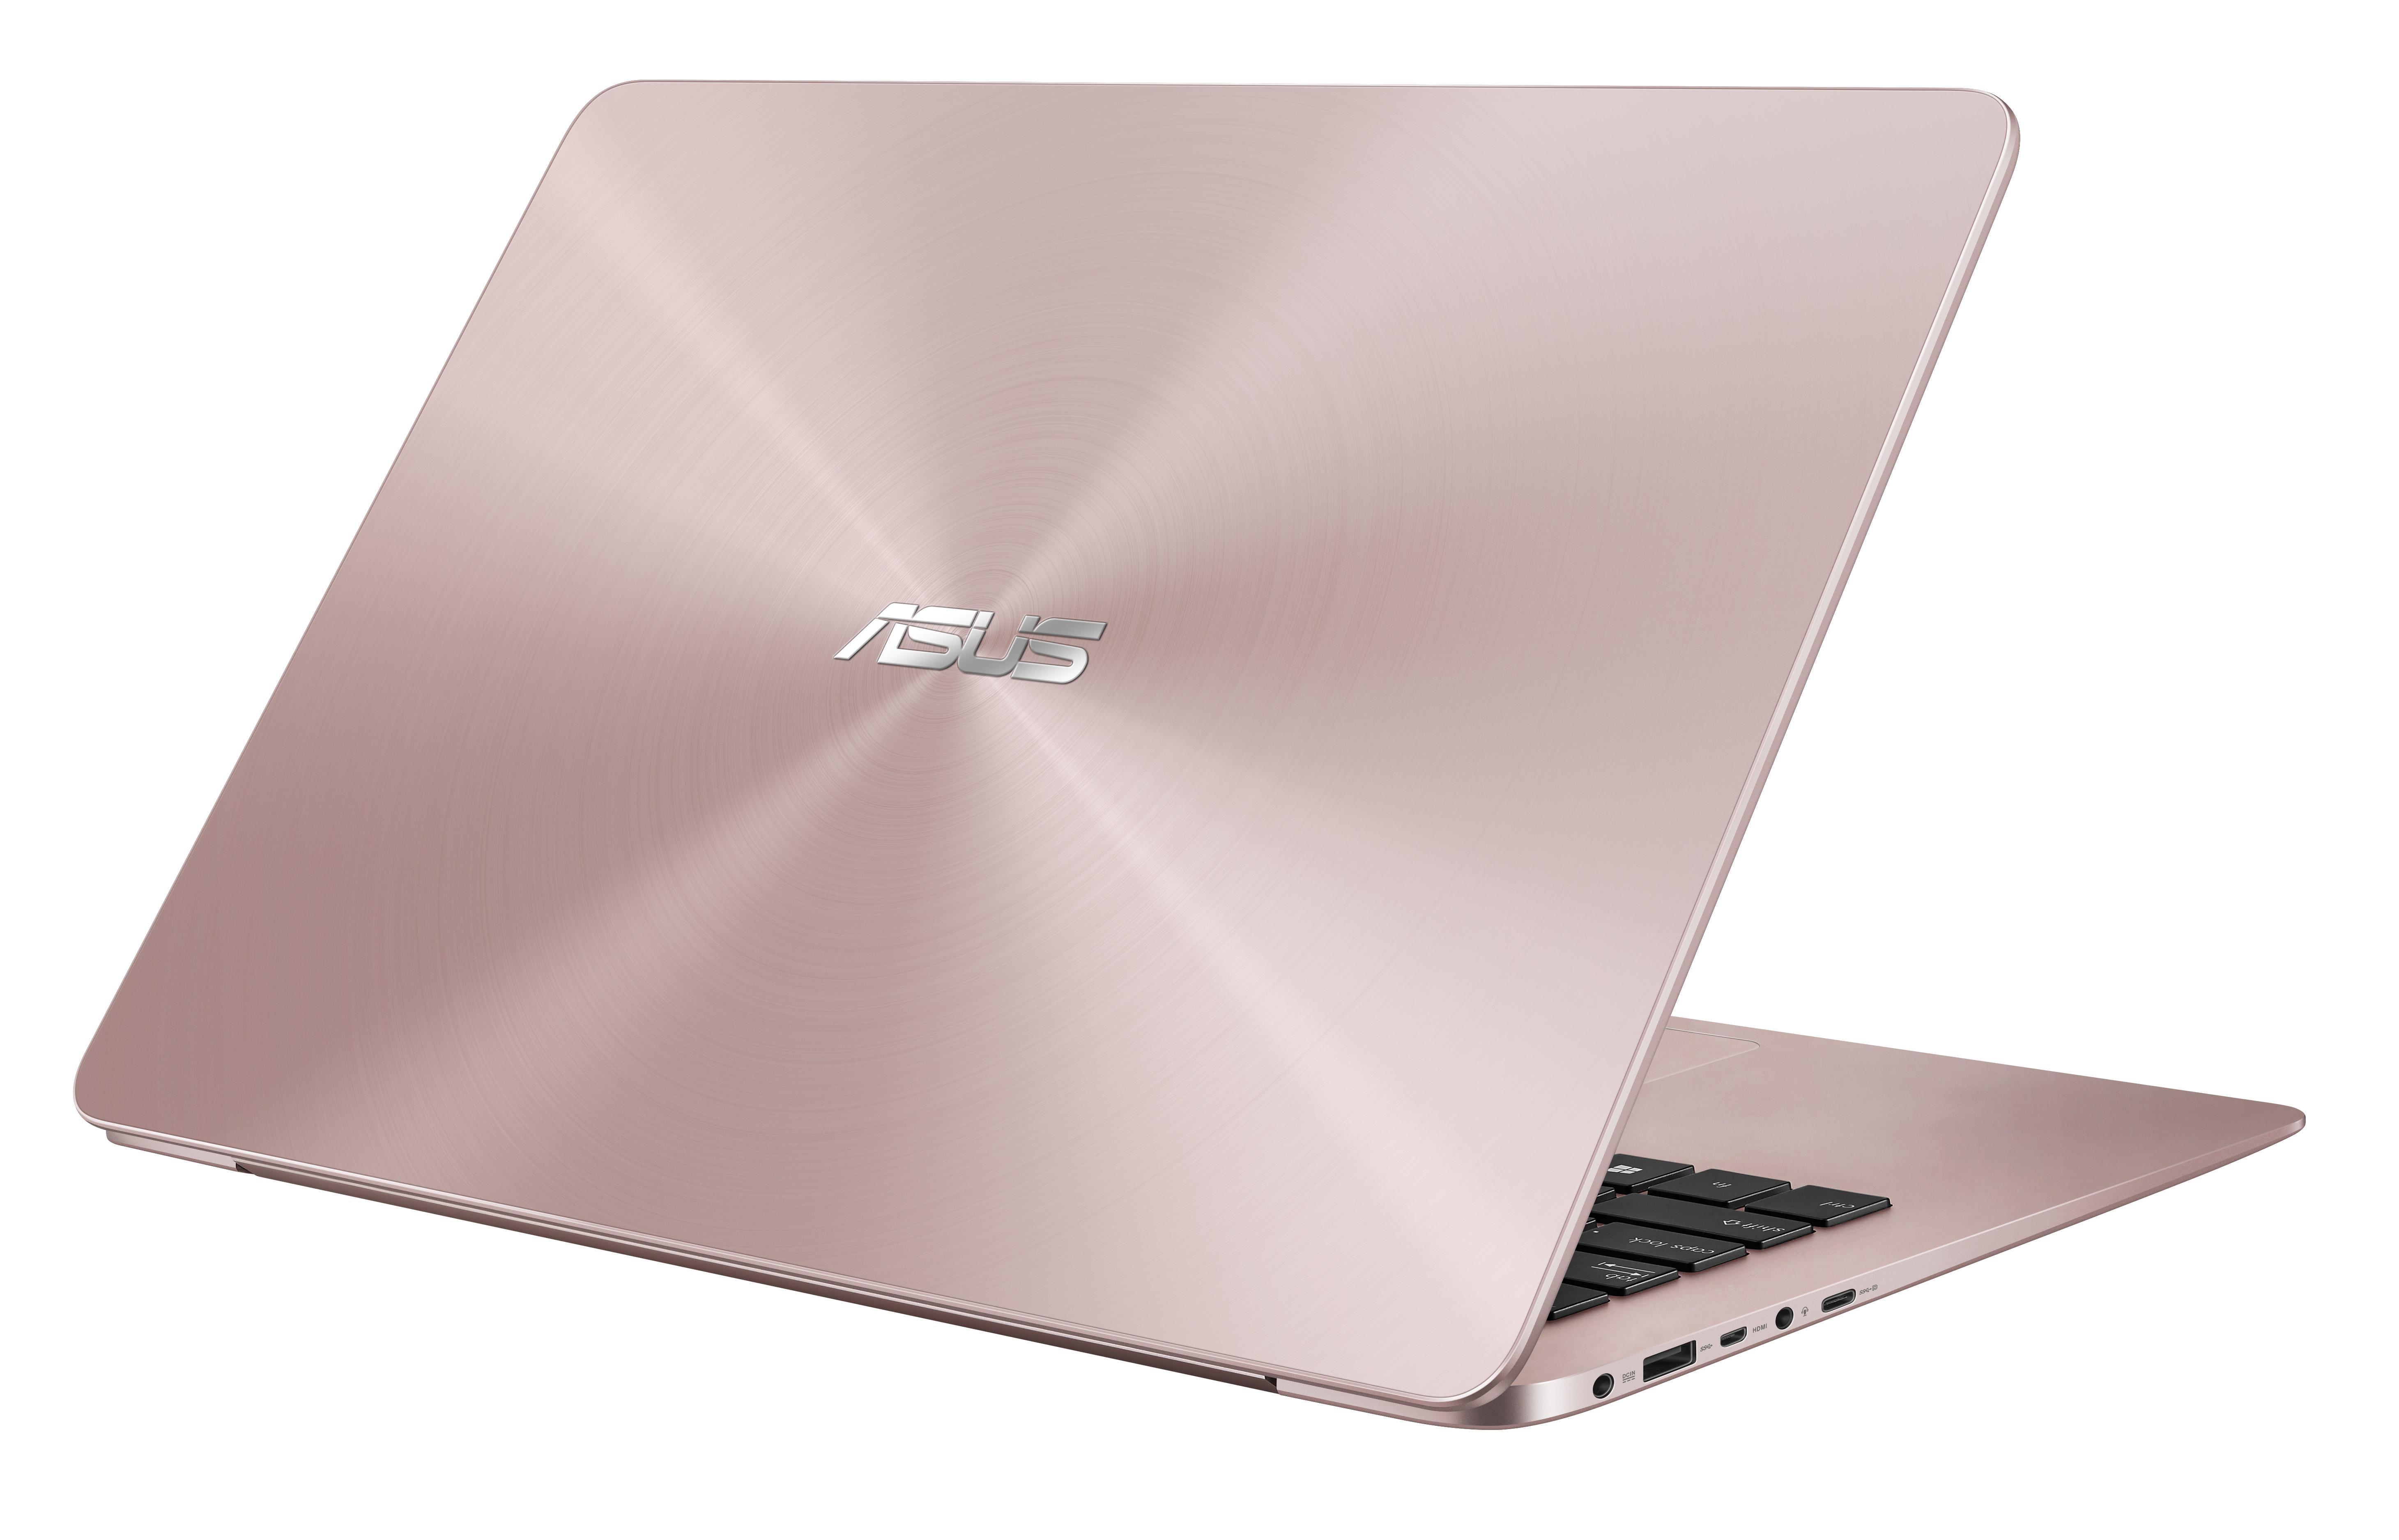 43b1d941e9 δεδομένα προϊόντων ASUS UX430UA-GV253T φορητός υπολογιστής Ροζ ...